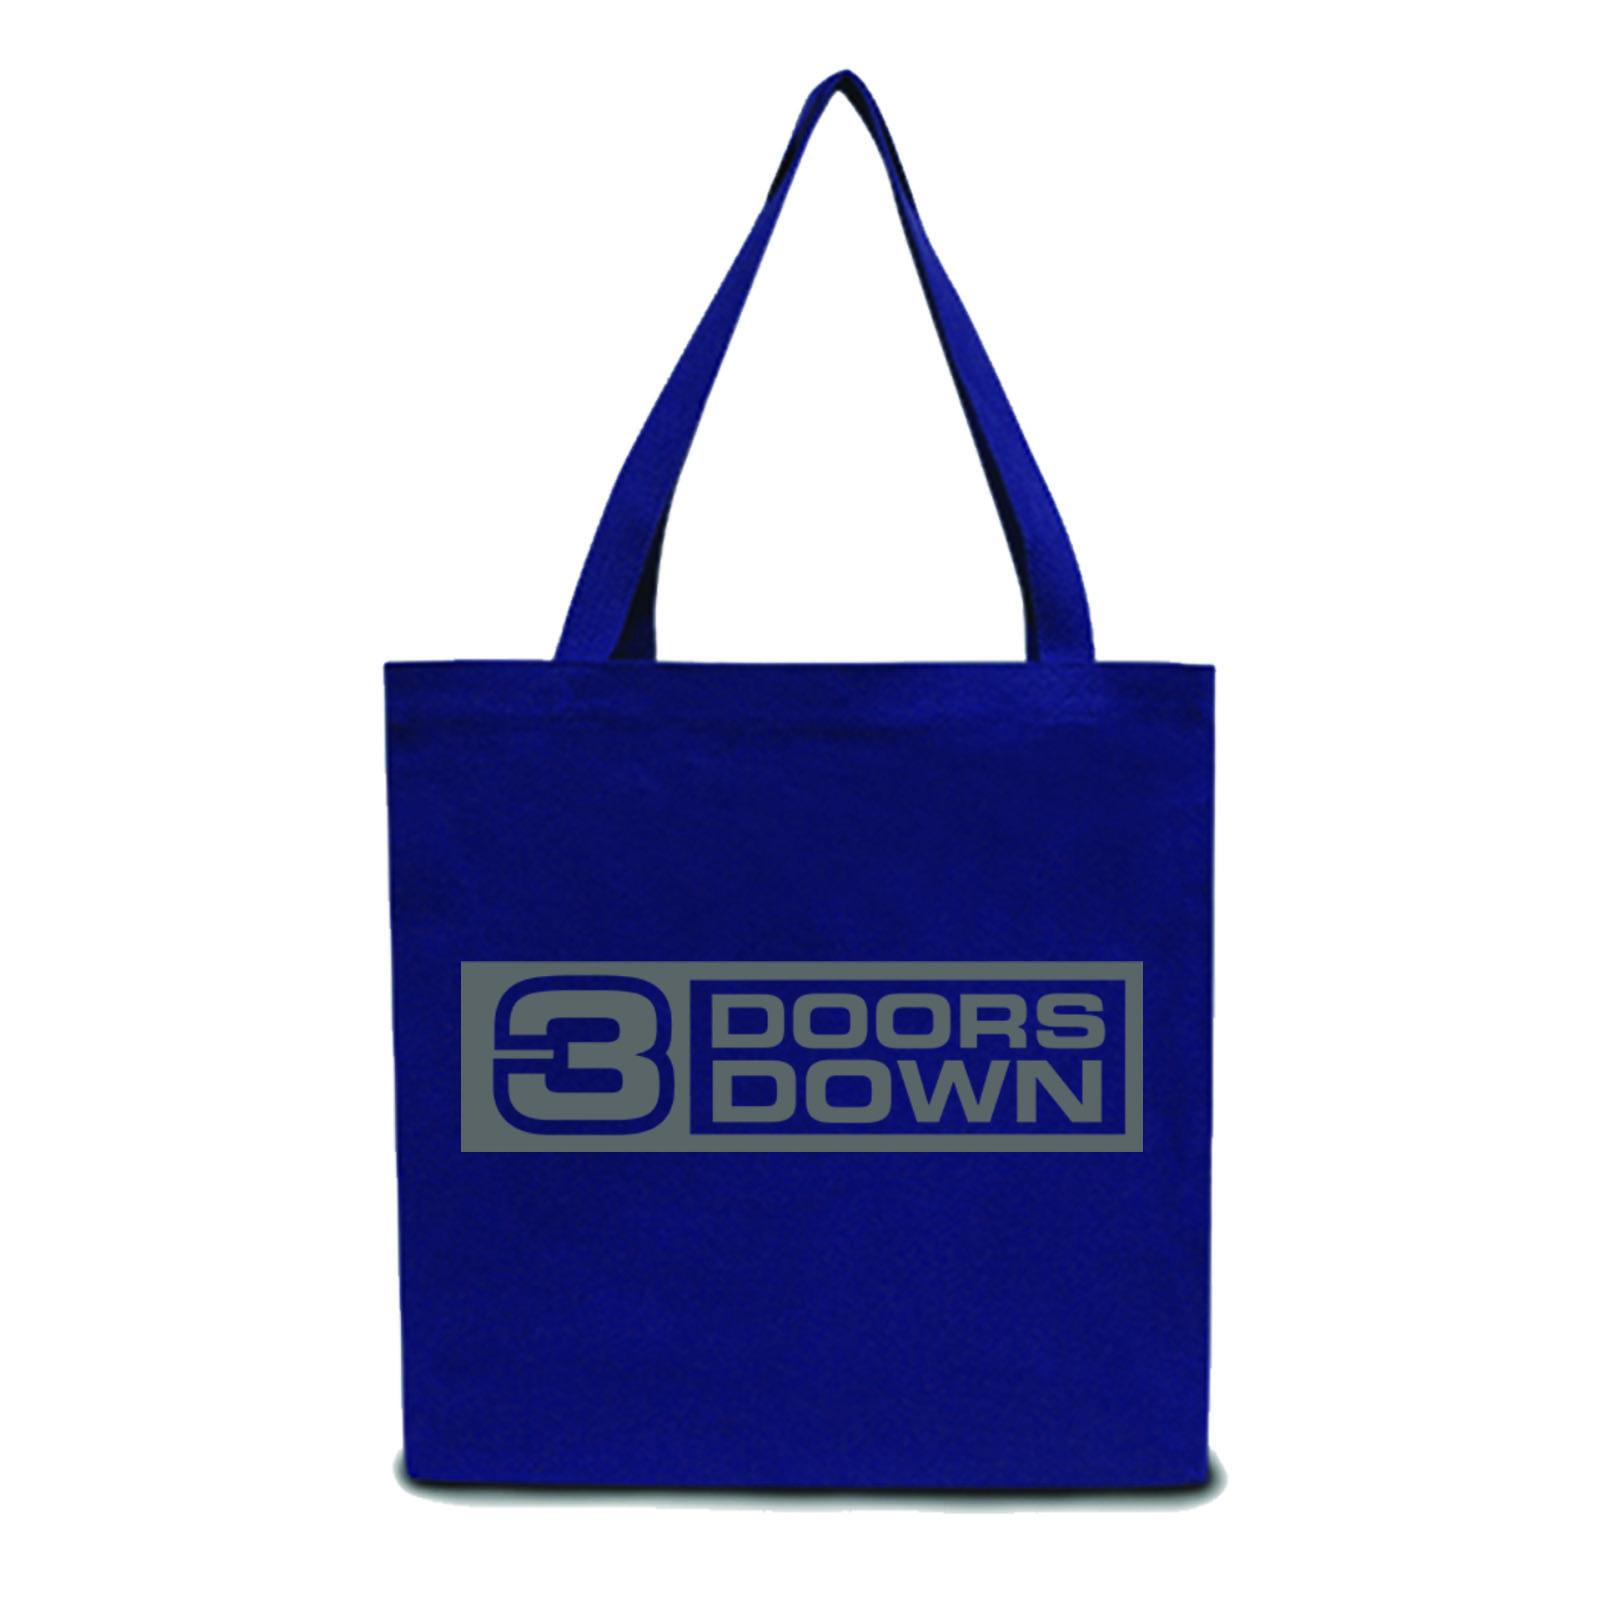 3 Doors Down Tote Bag